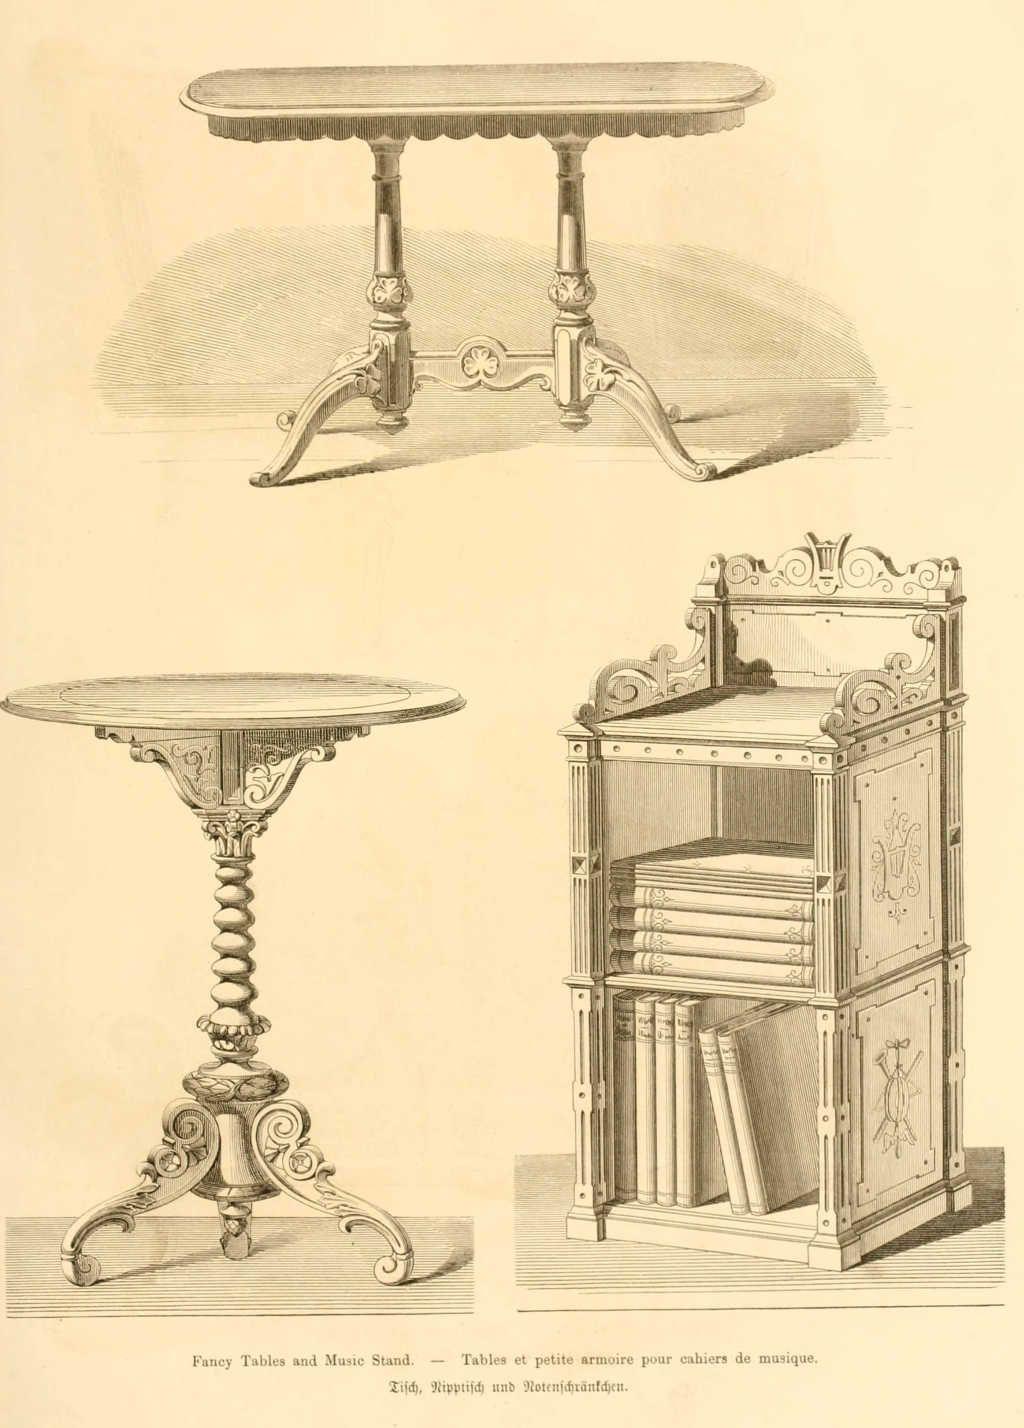 Img Dessins Meubles Mobilier Tables Et Petite Armoire Pour Cahiers  # Meuble Dessin Ancien